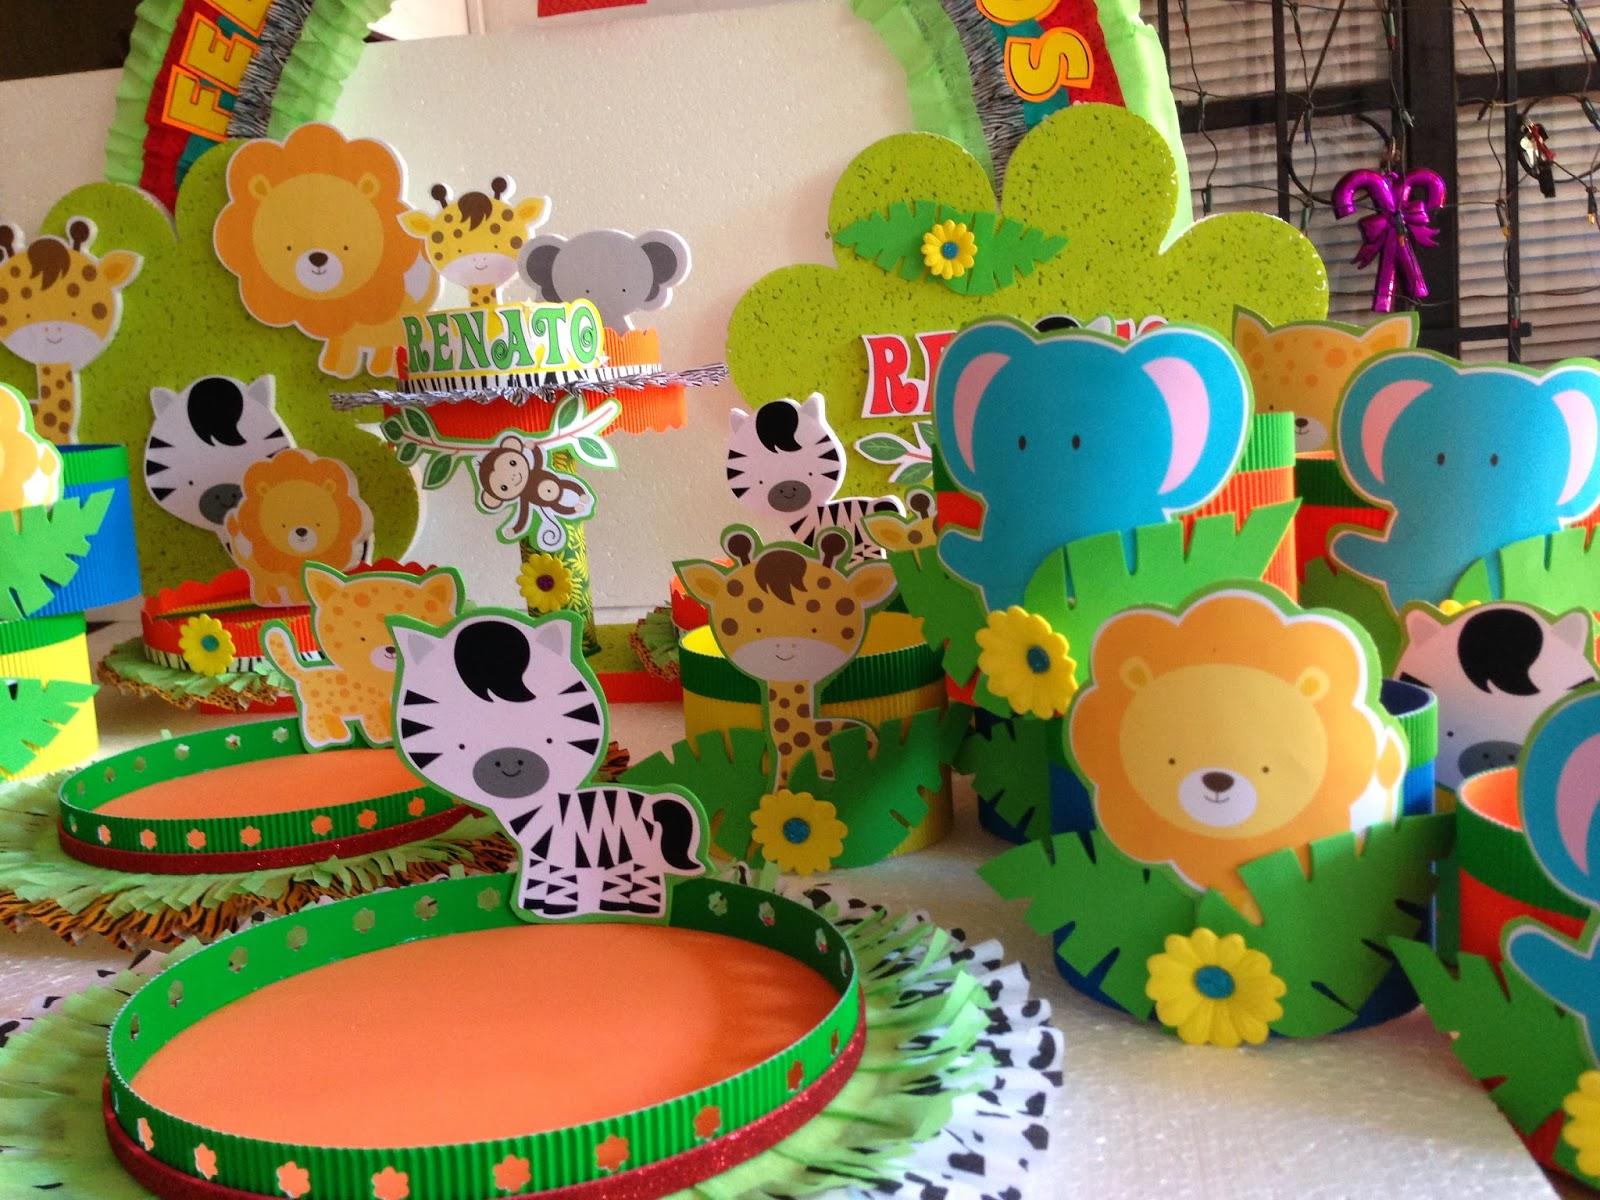 Decoraciones infantiles animalitos de la selva - Decoracion cumpleanos infantiles manualidades ...